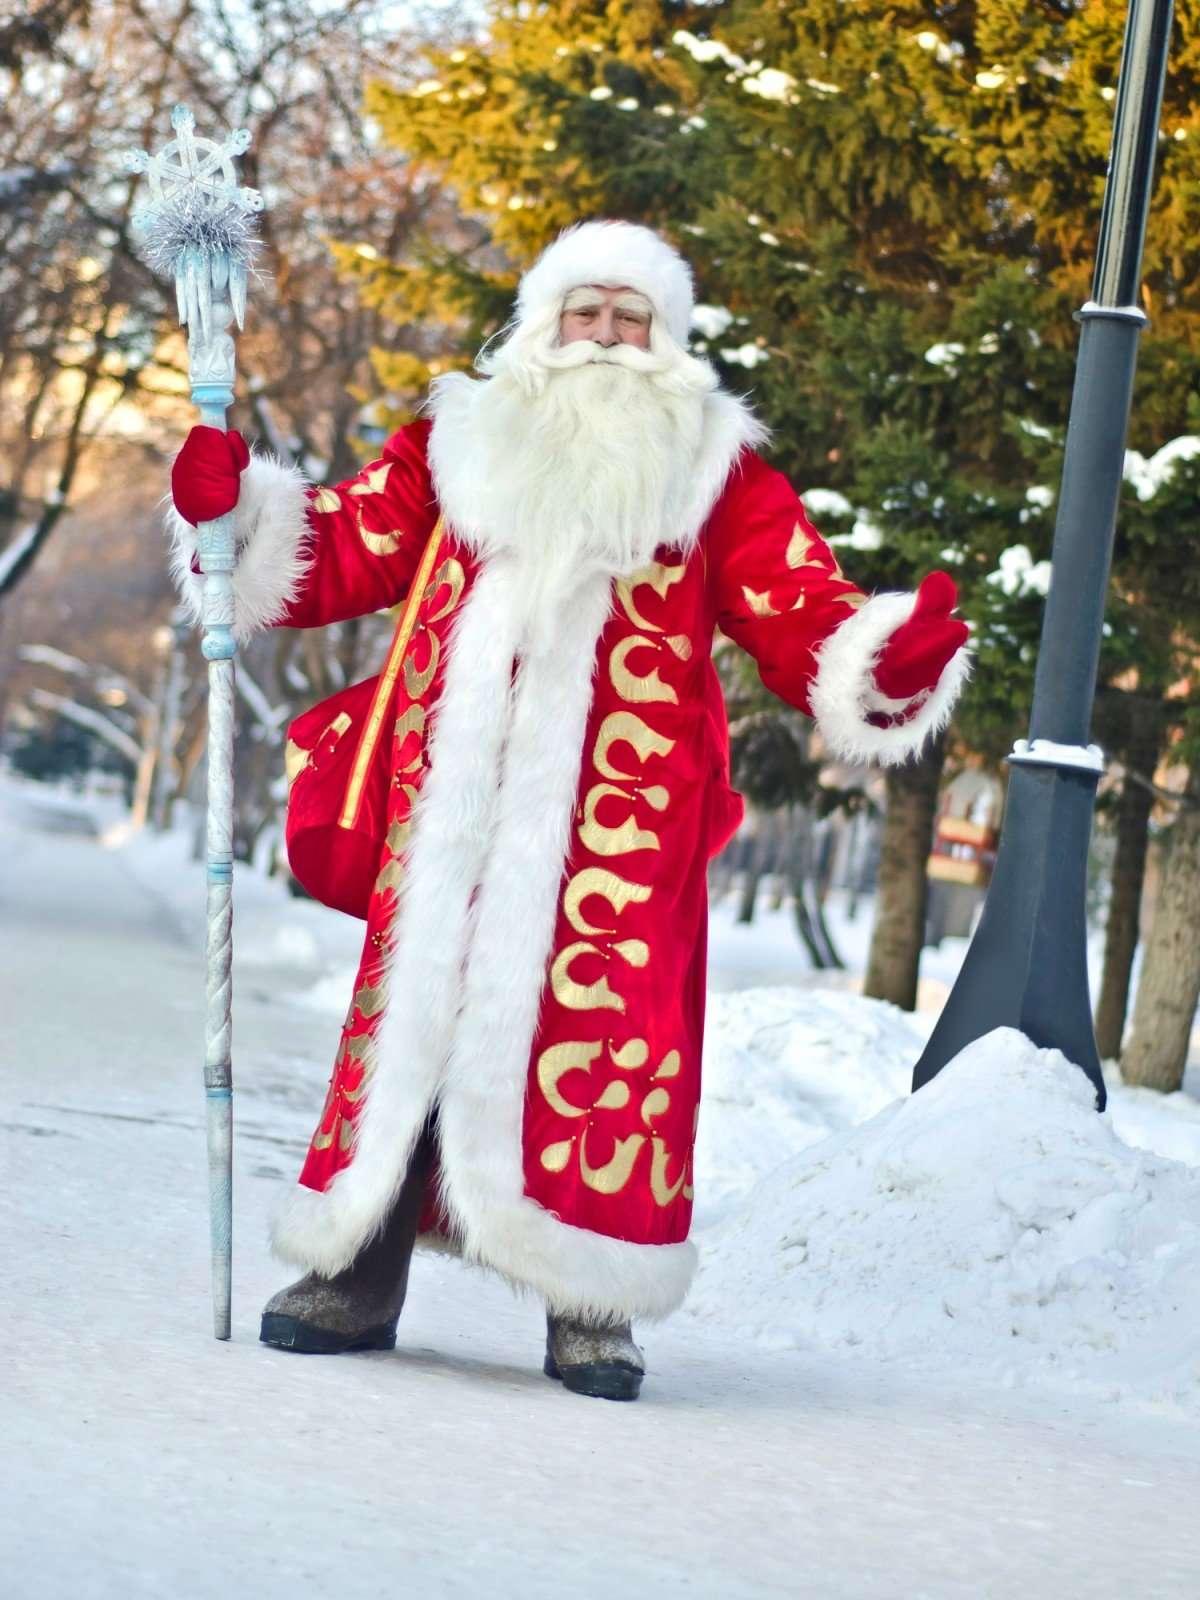 18 ноября — день рождения Деда Мороза. Спасибо за веру в чудо!